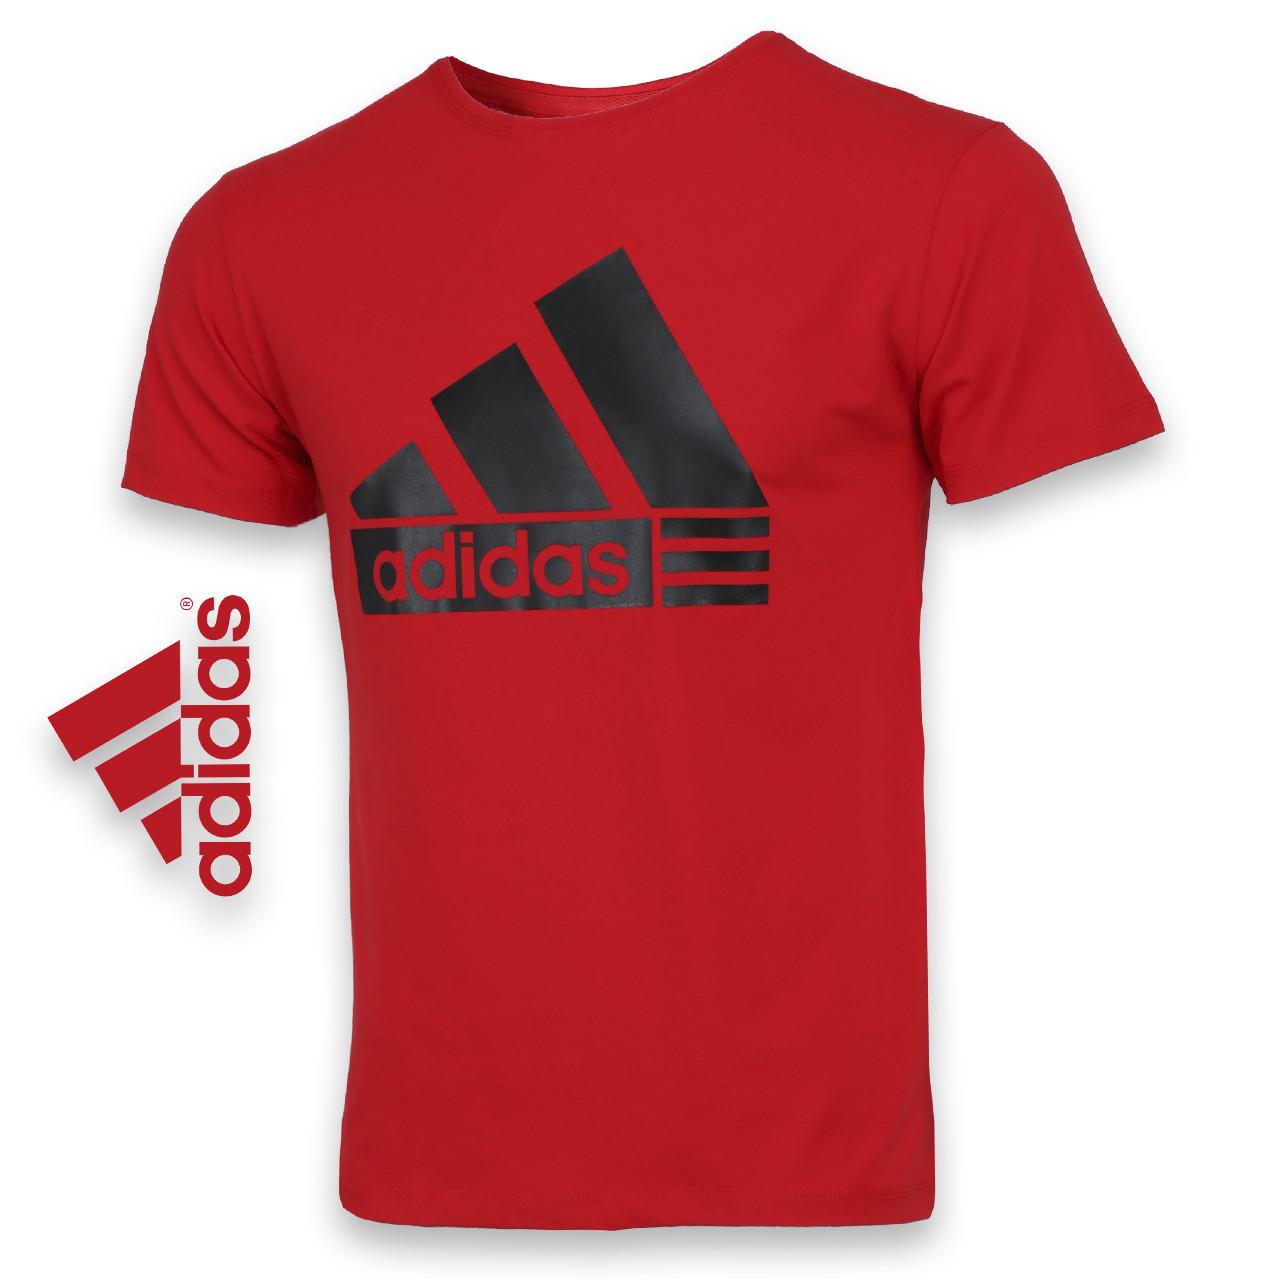 Футболка спортивная красный ADIDAS пирамида Ф-10 RED XXL(Р) 20-911-020